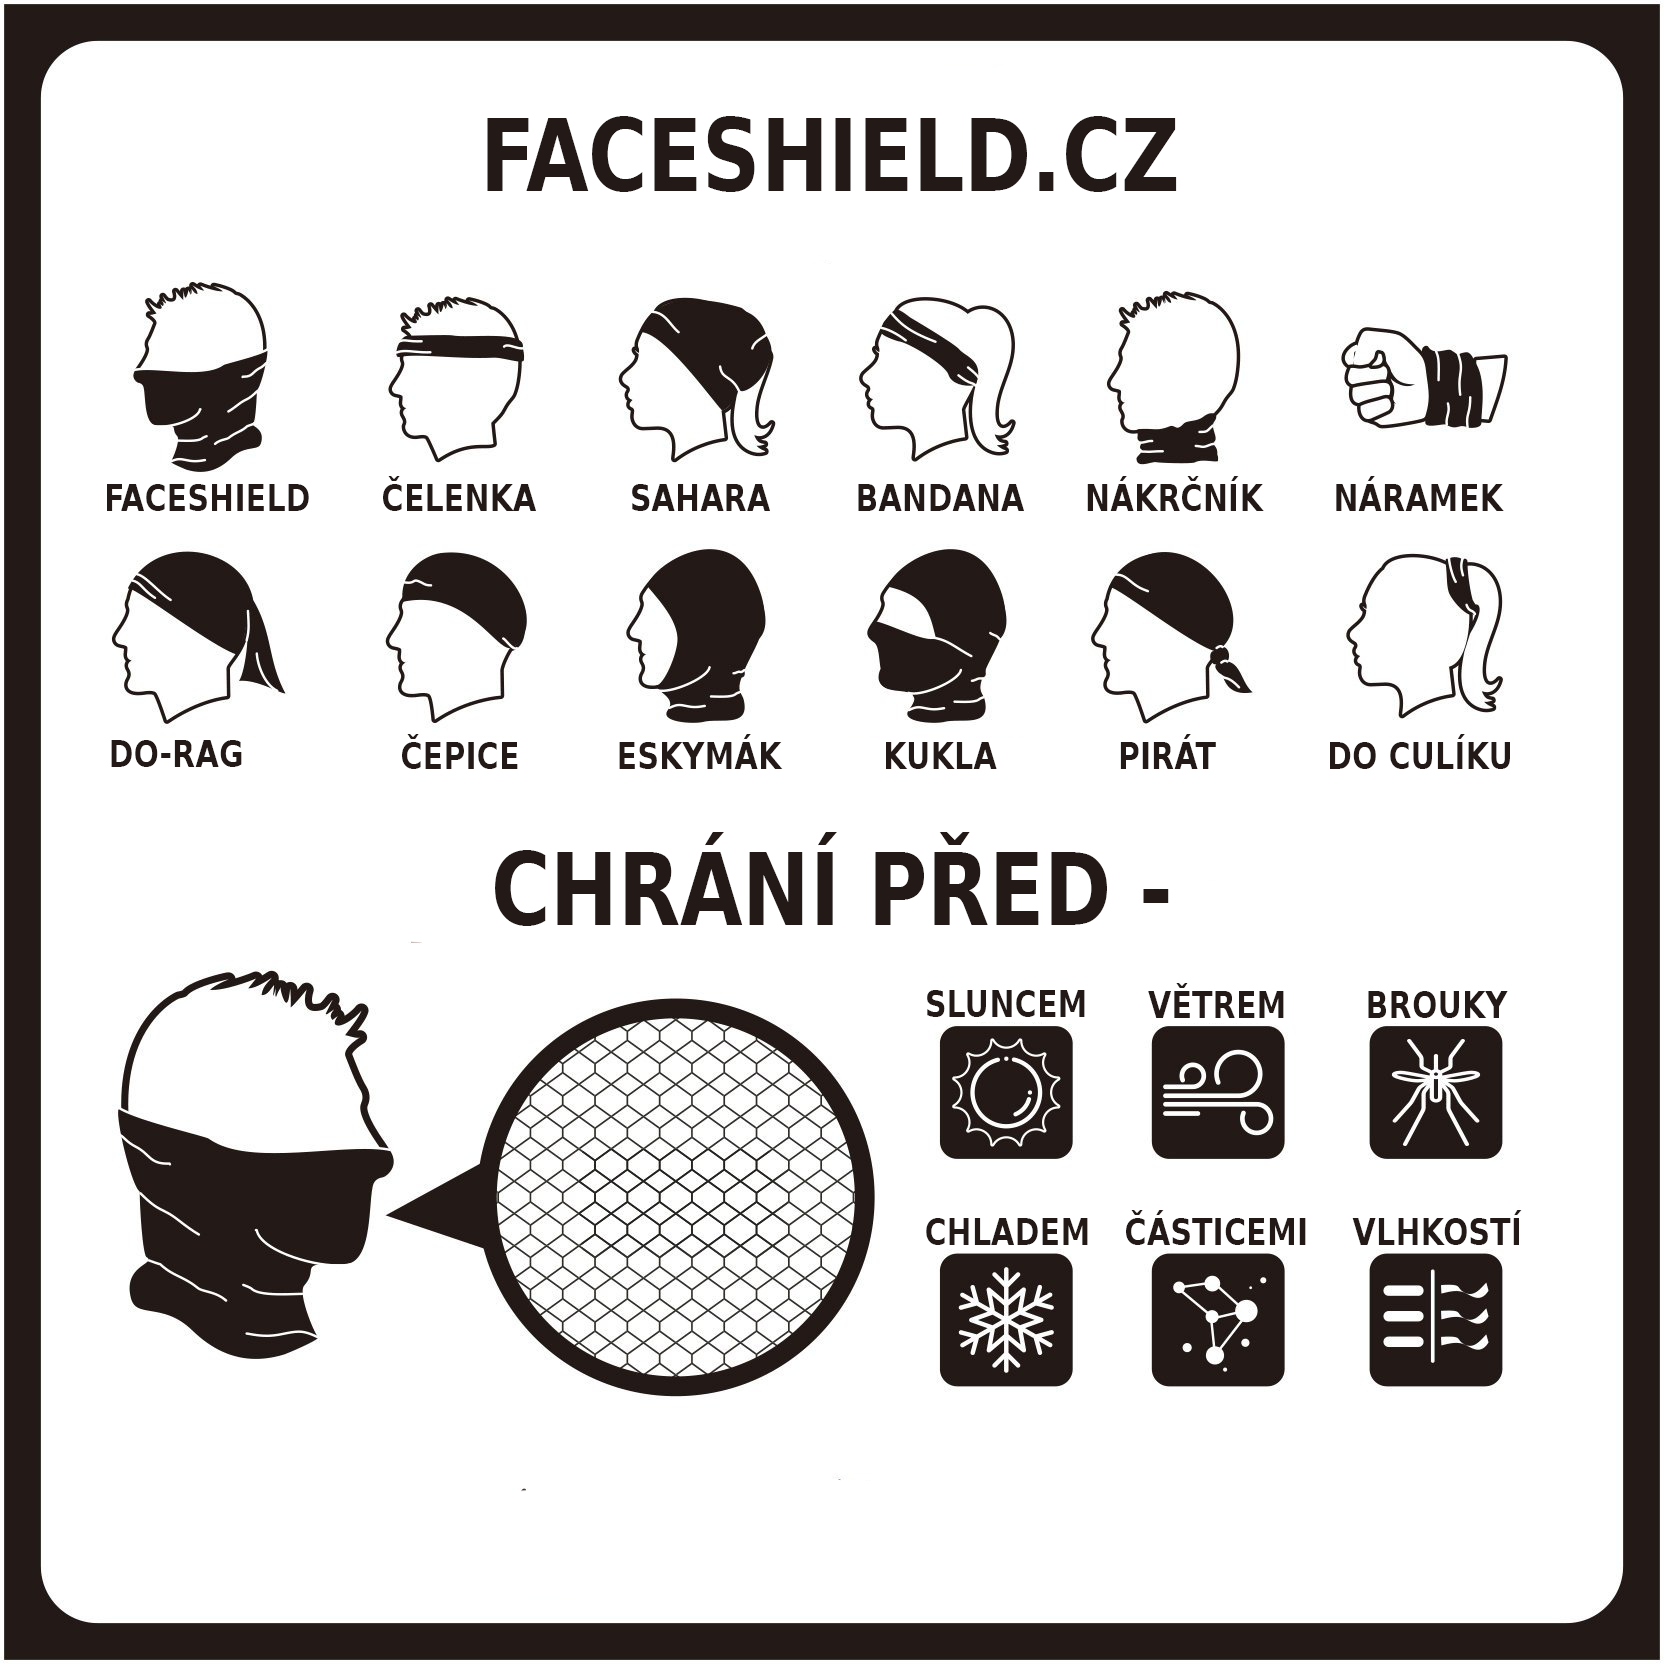 Faceshield-jak-nosit